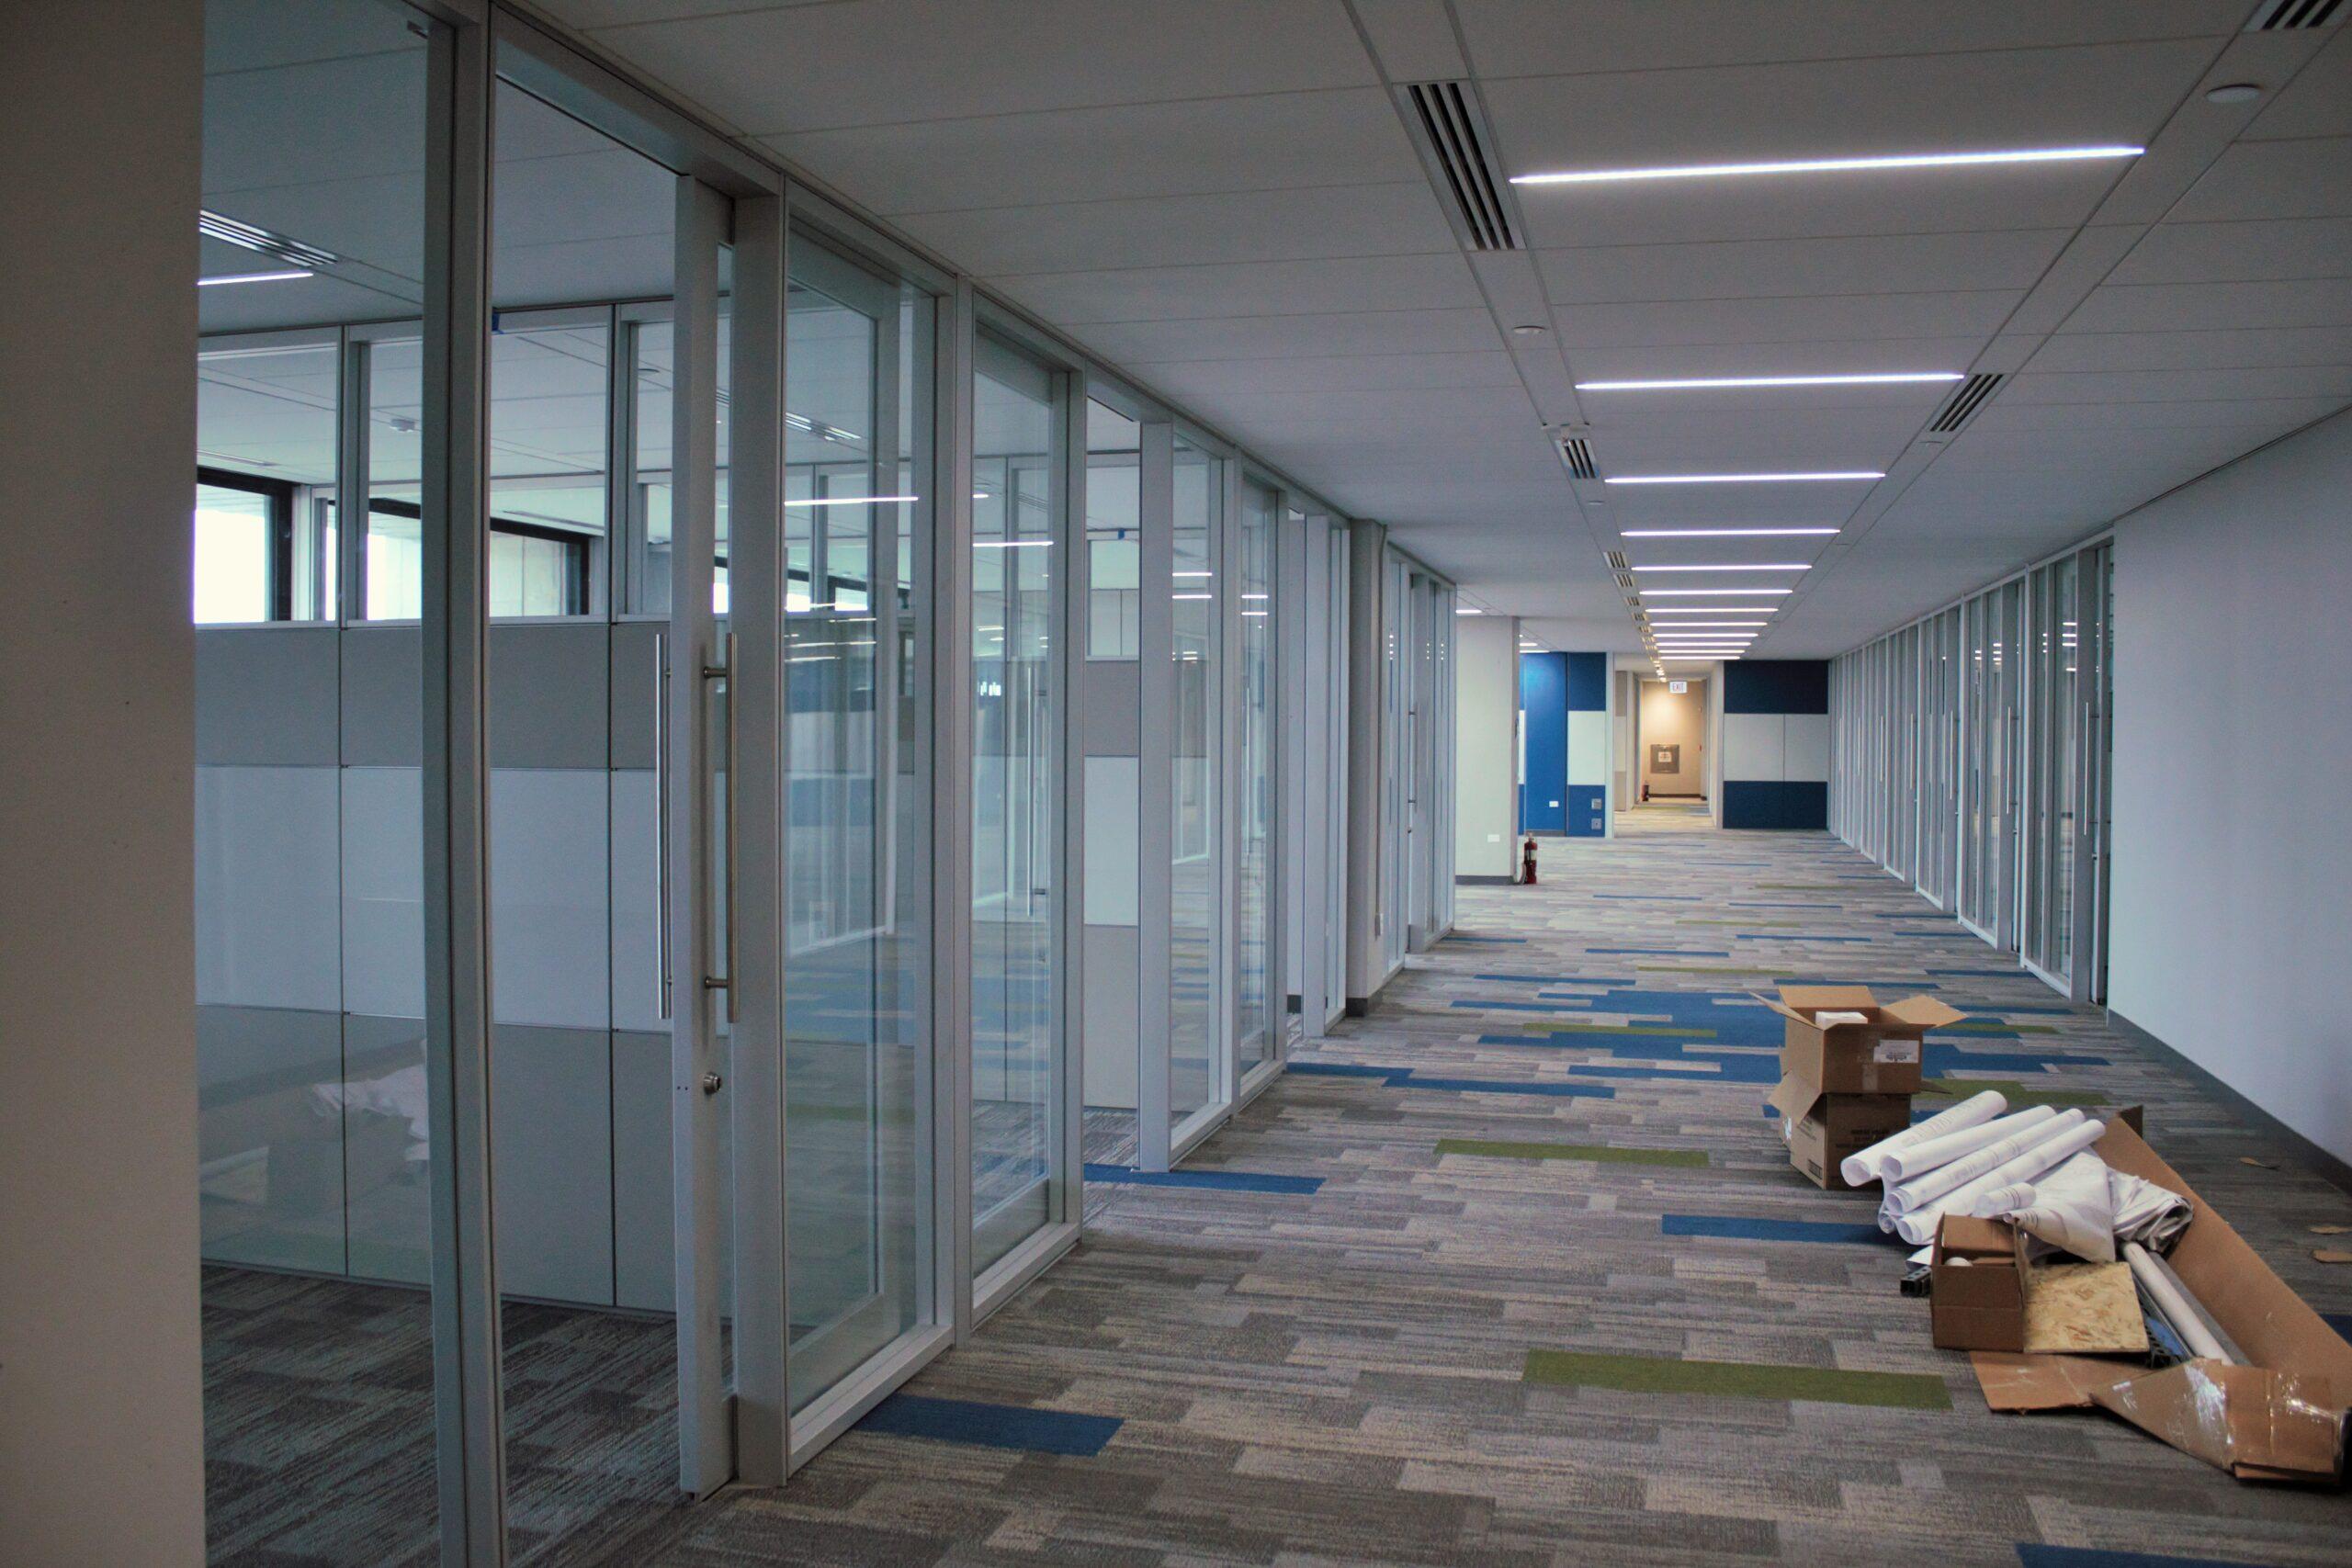 Fermilab Wilson Hall 13th Floor Remodel